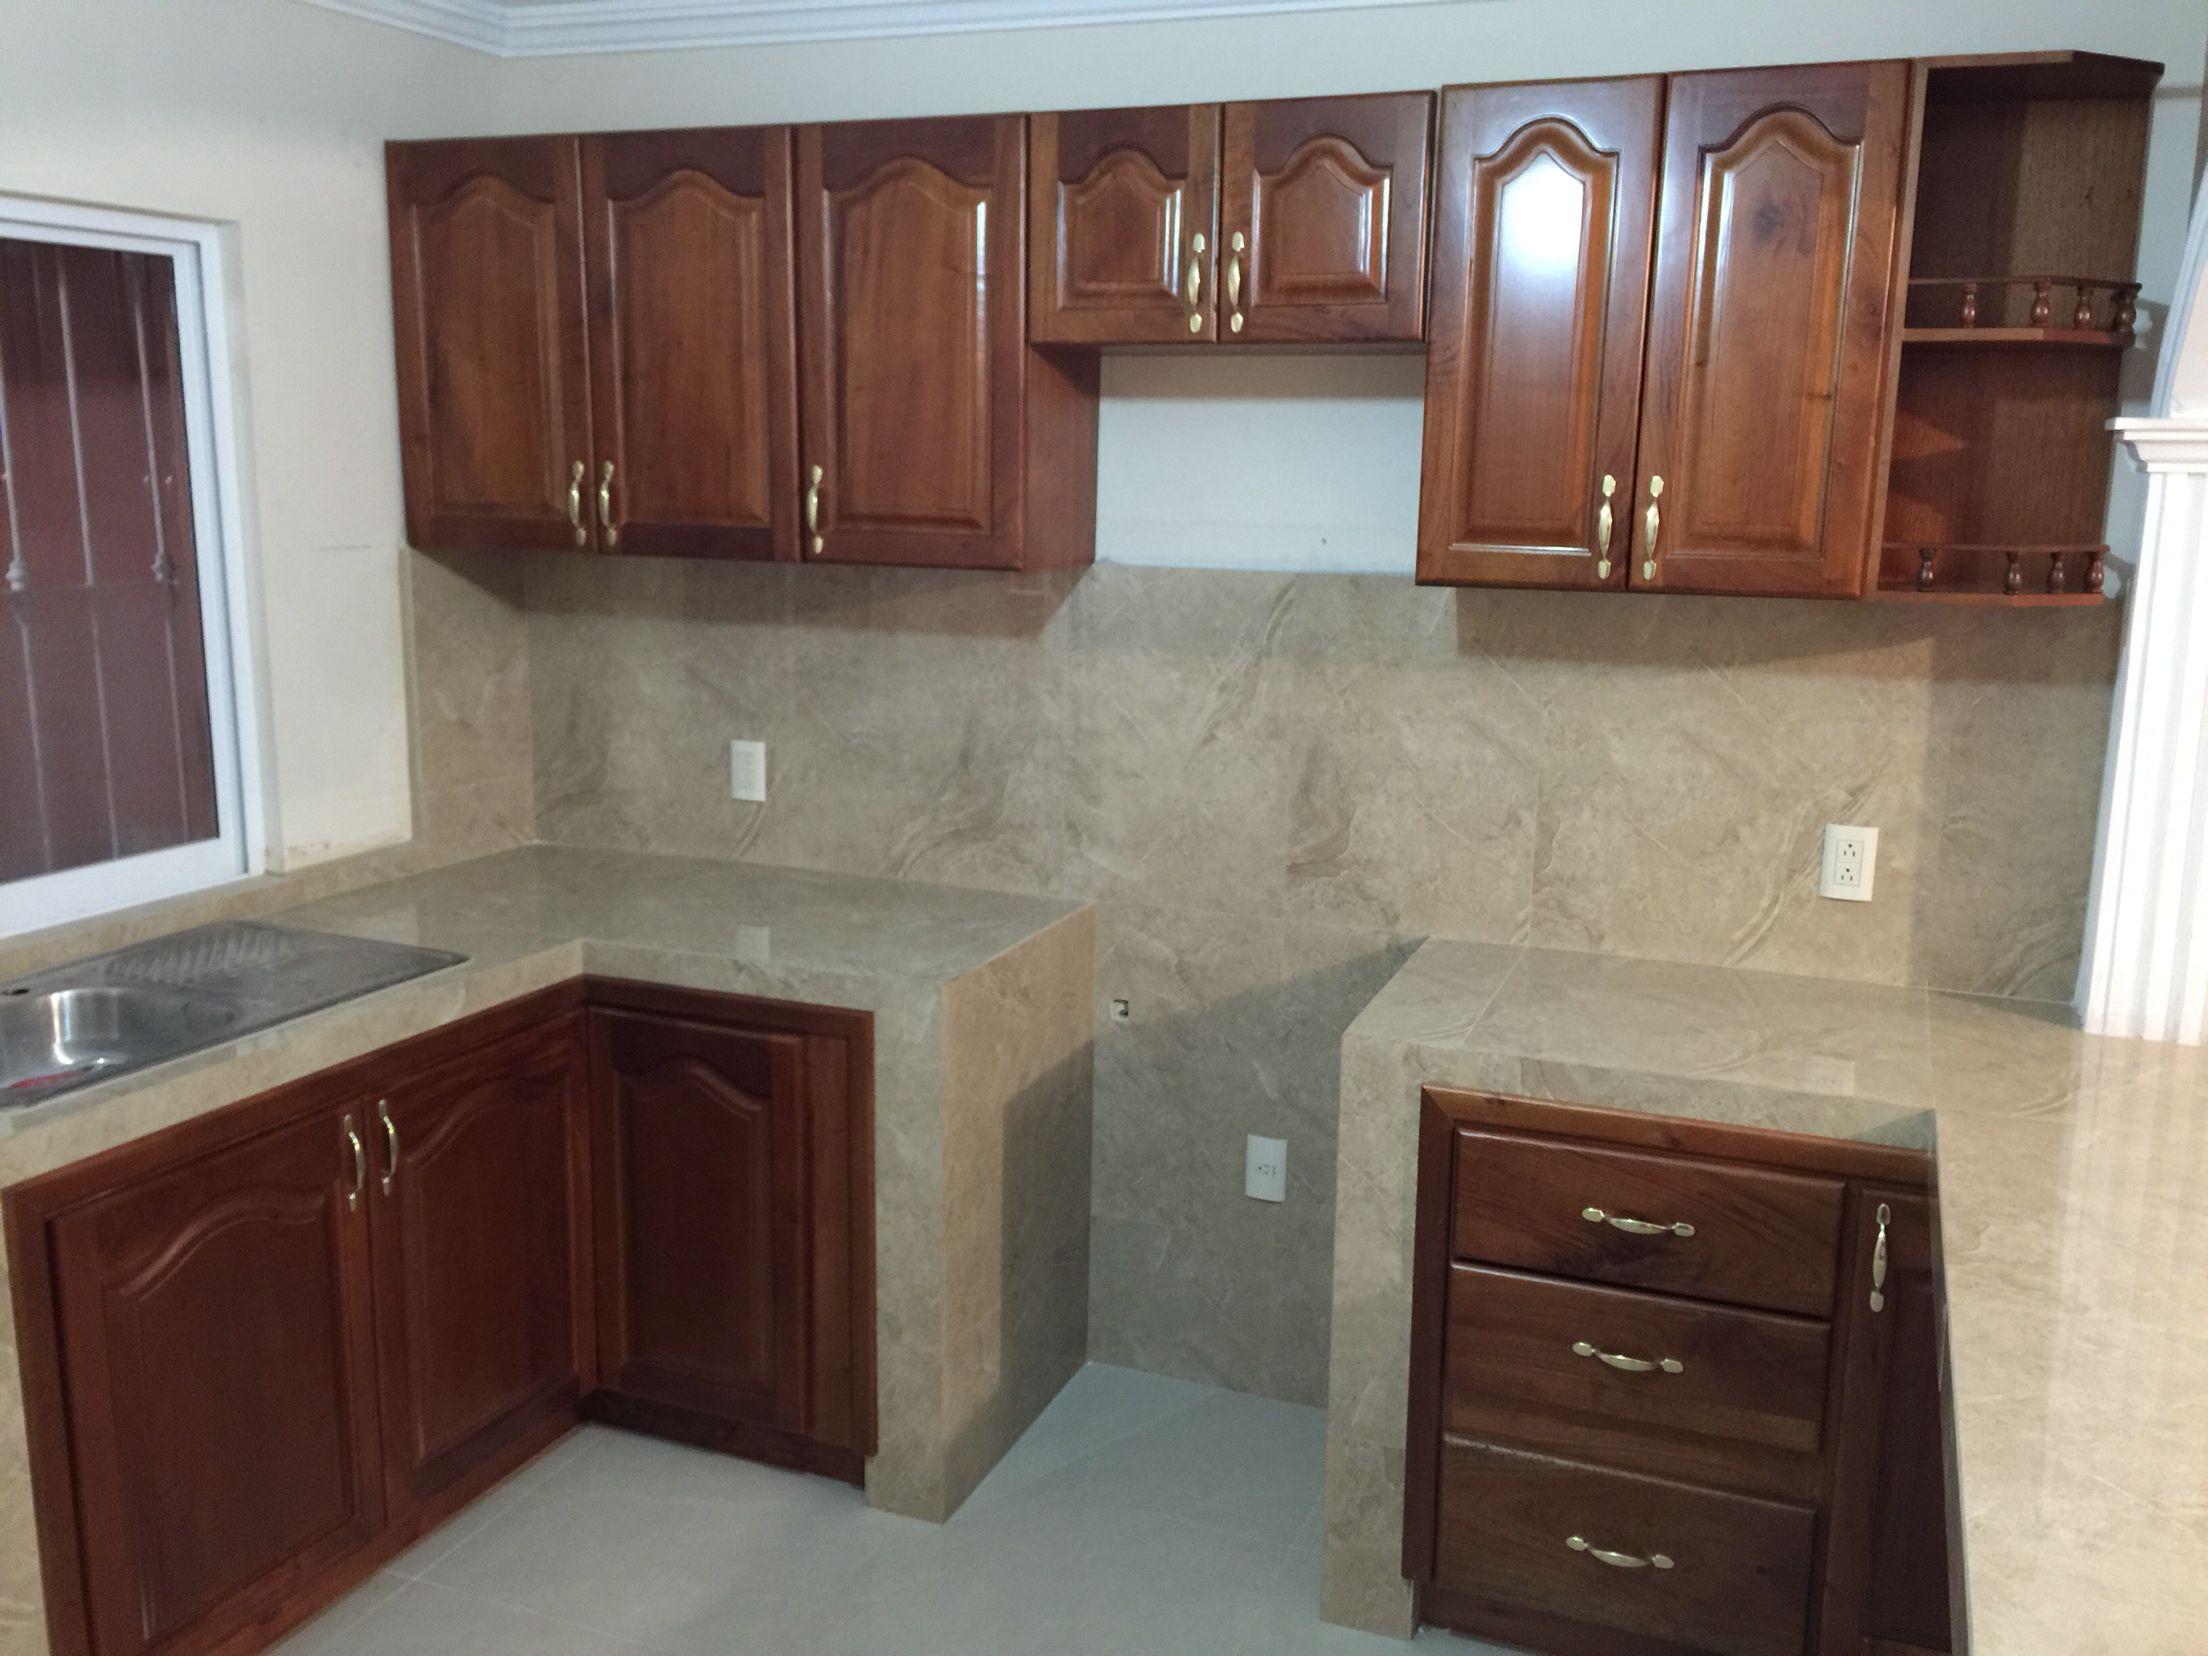 Cocina integral en madera de cedro con puertas estilo for Cocinas de concreto modernas